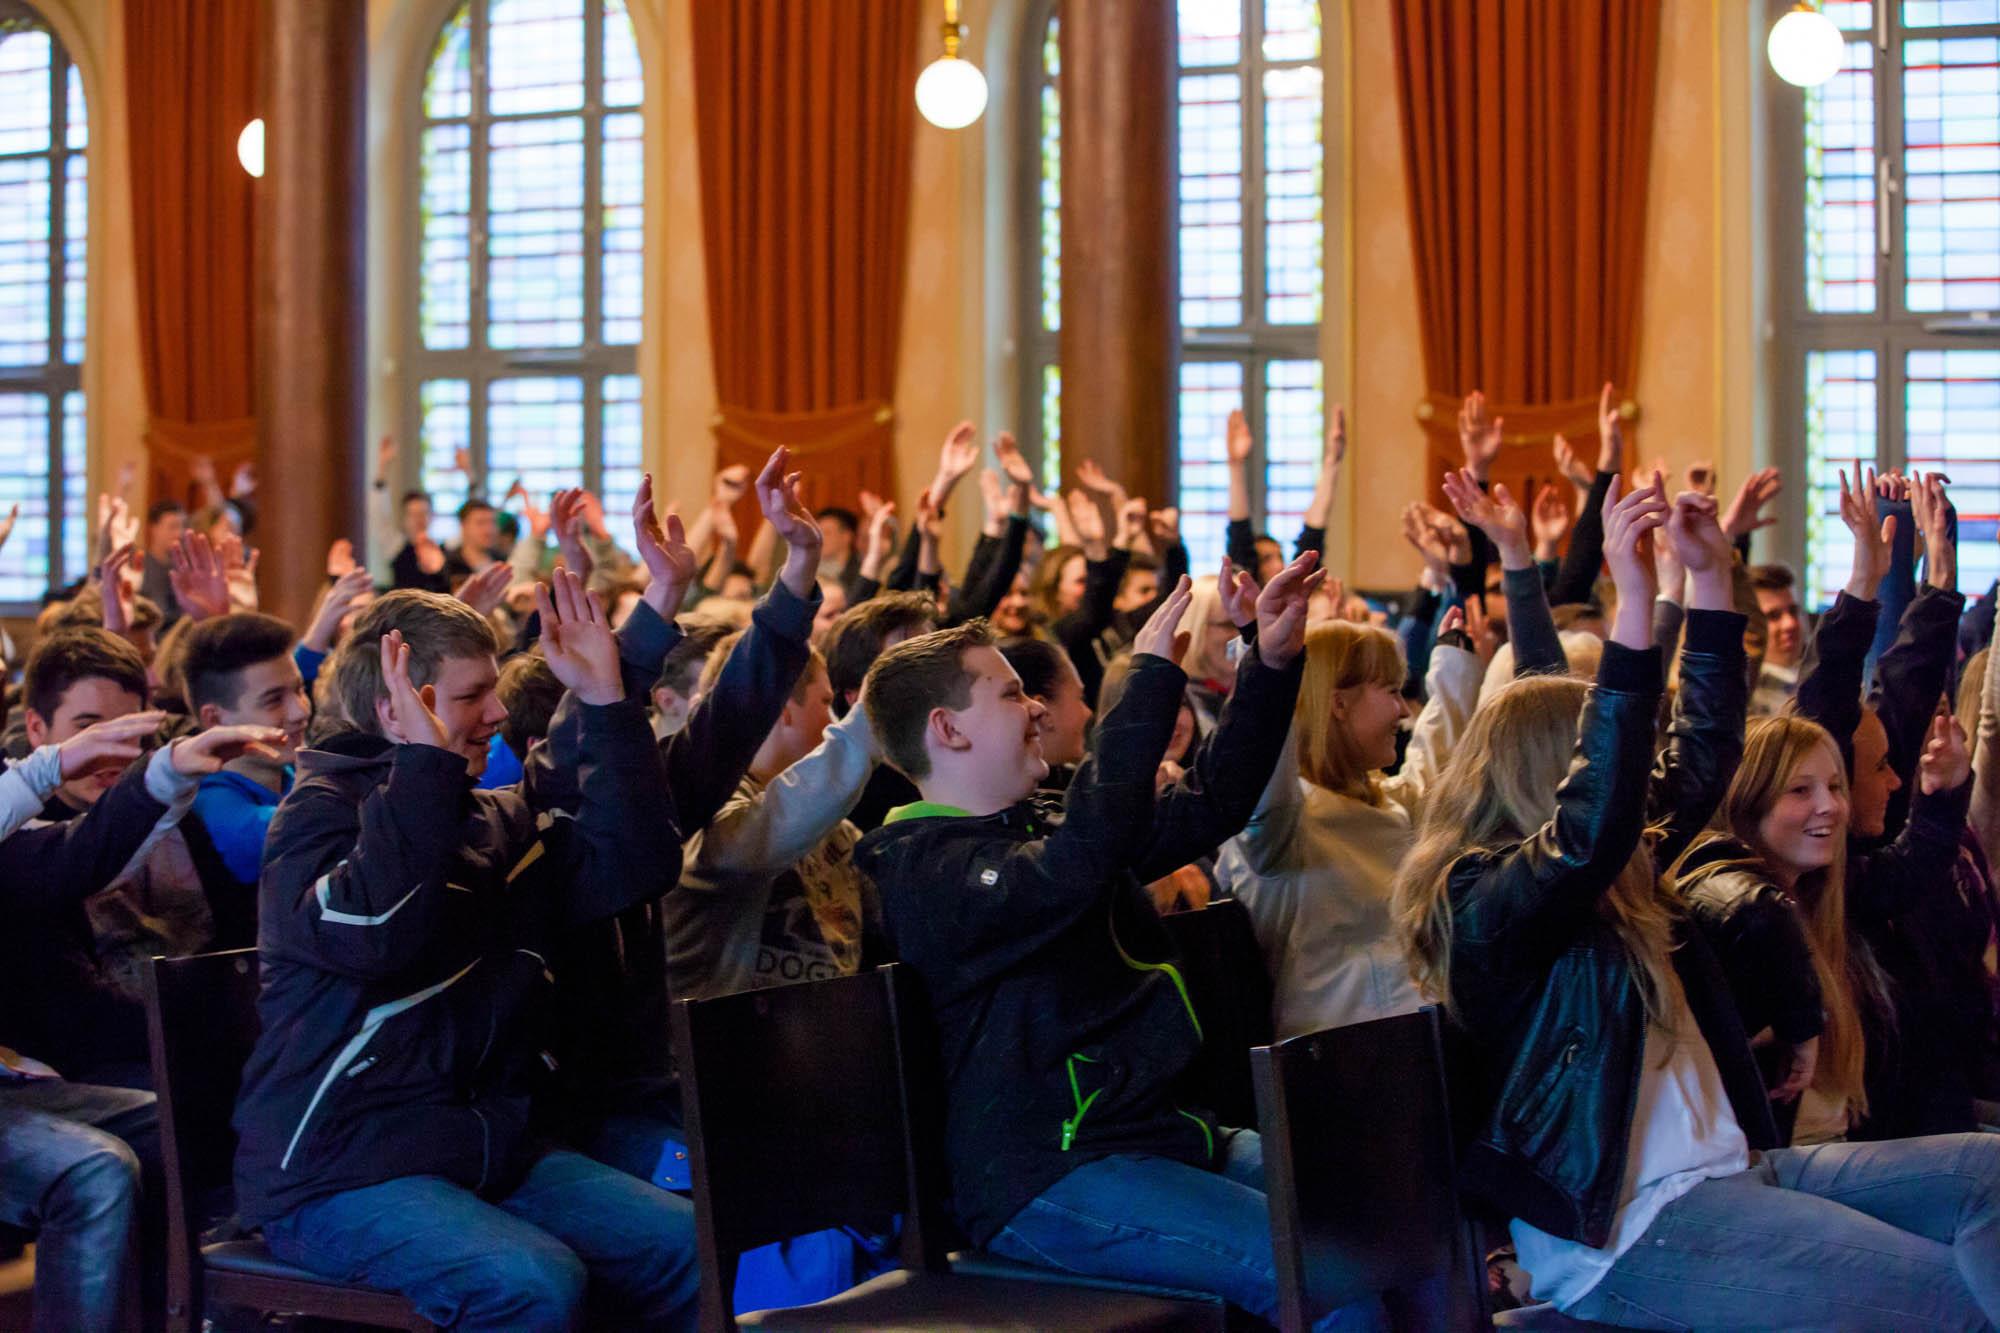 Schüler heben die Hand und machen bei einem Vortrag mit